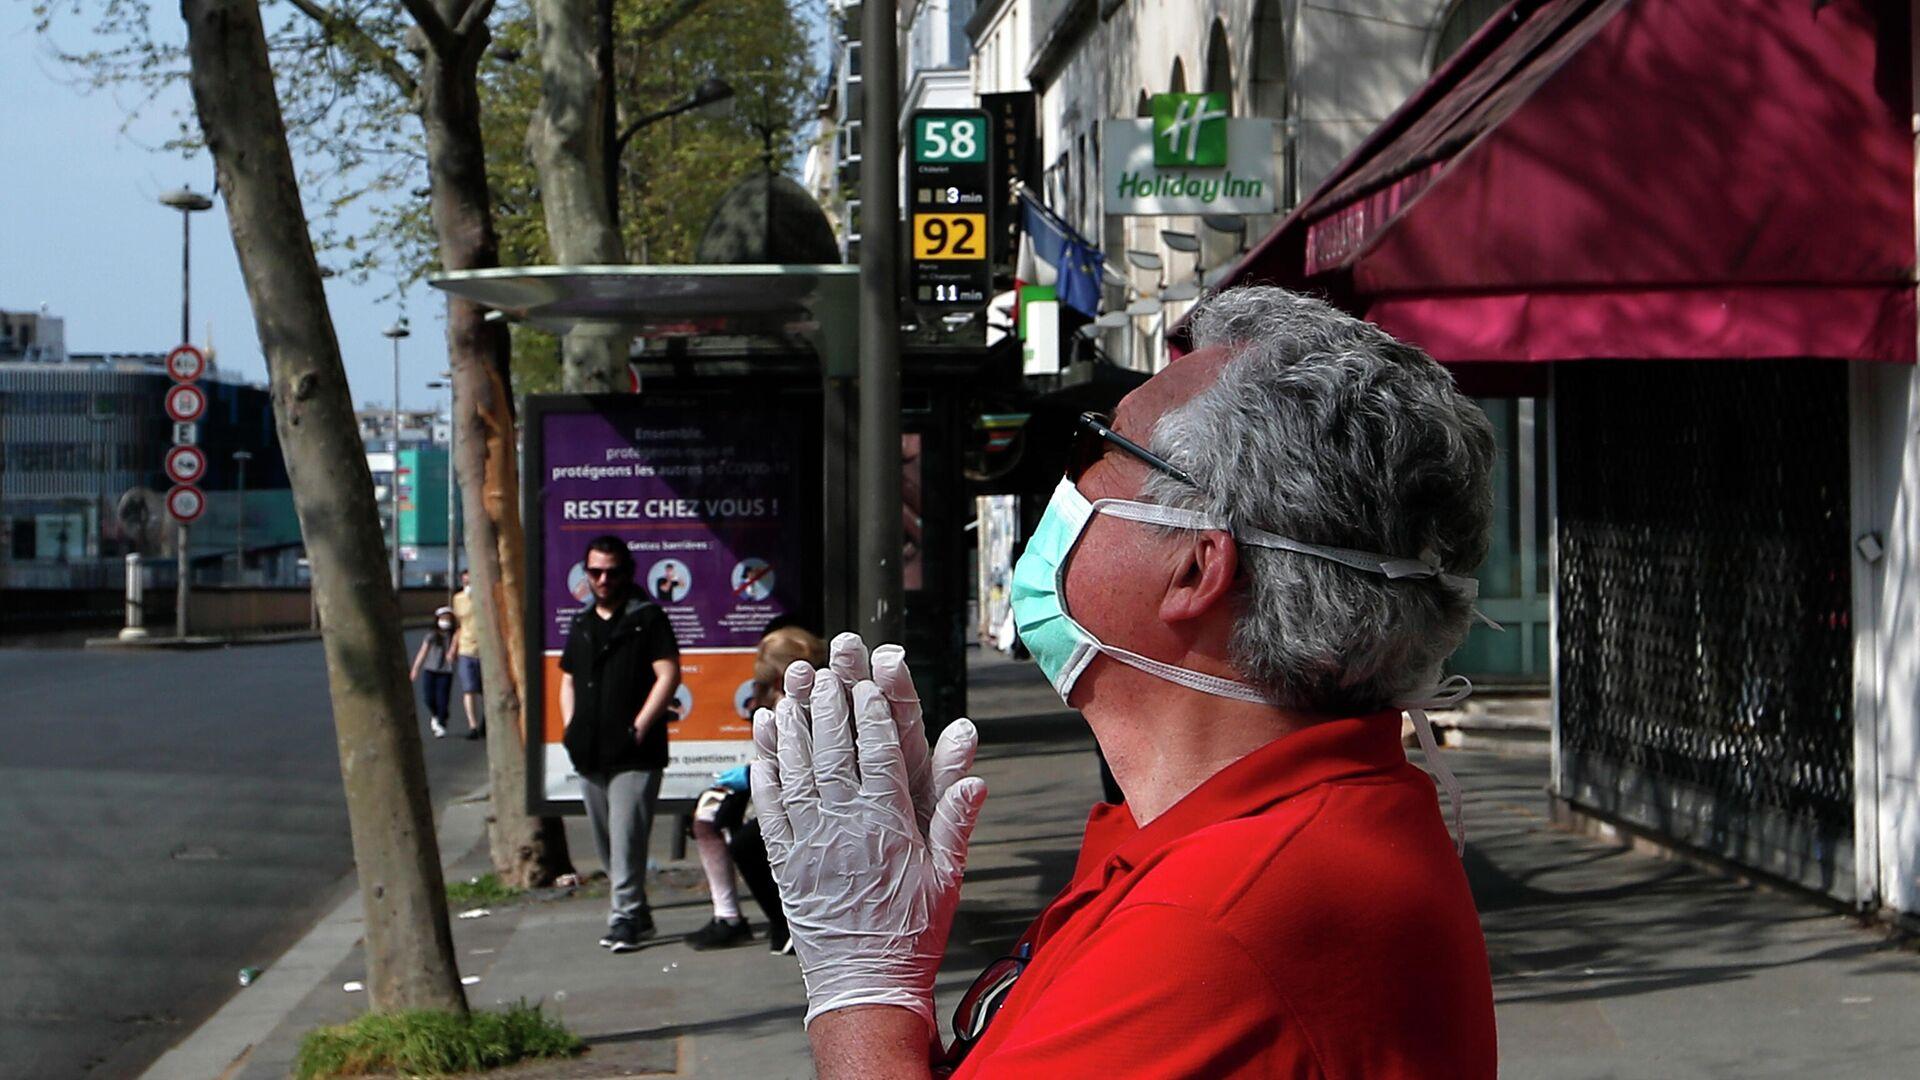 Мужчина в защитной маске на улице Парижа, Франция - РИА Новости, 1920, 22.10.2020